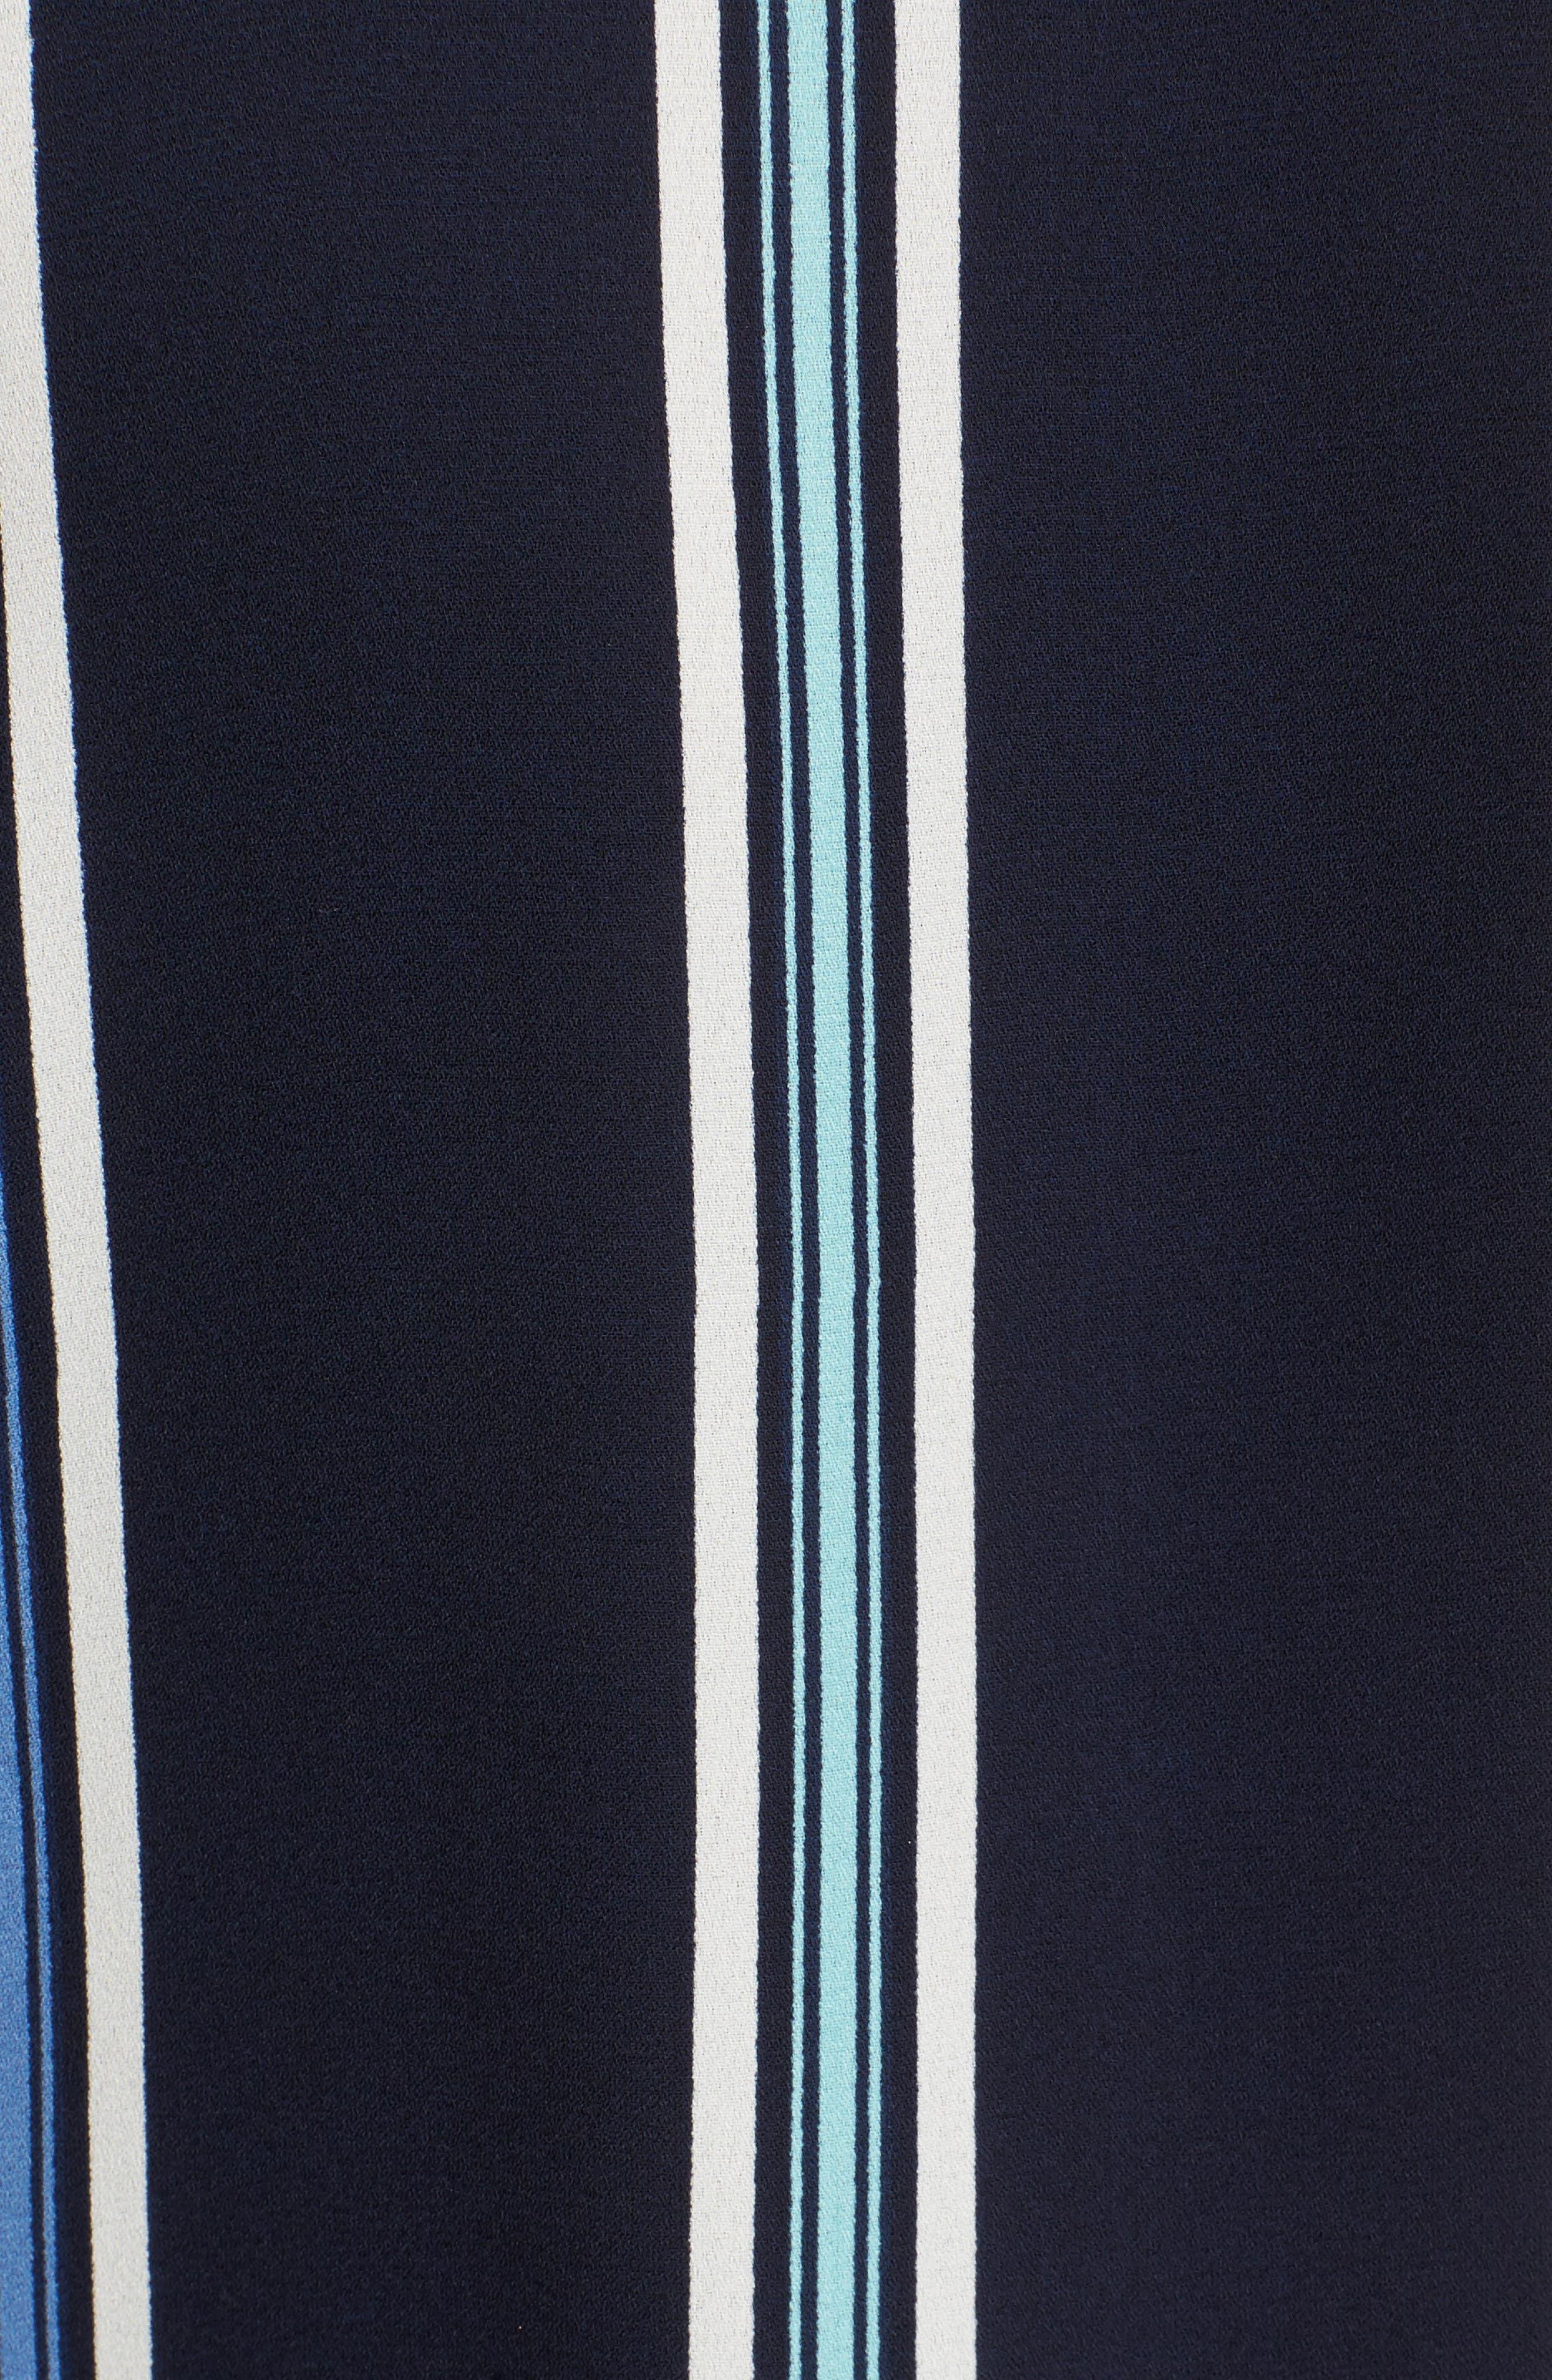 Wrap Tank,                             Alternate thumbnail 5, color,                             Blue Tonal Stripe